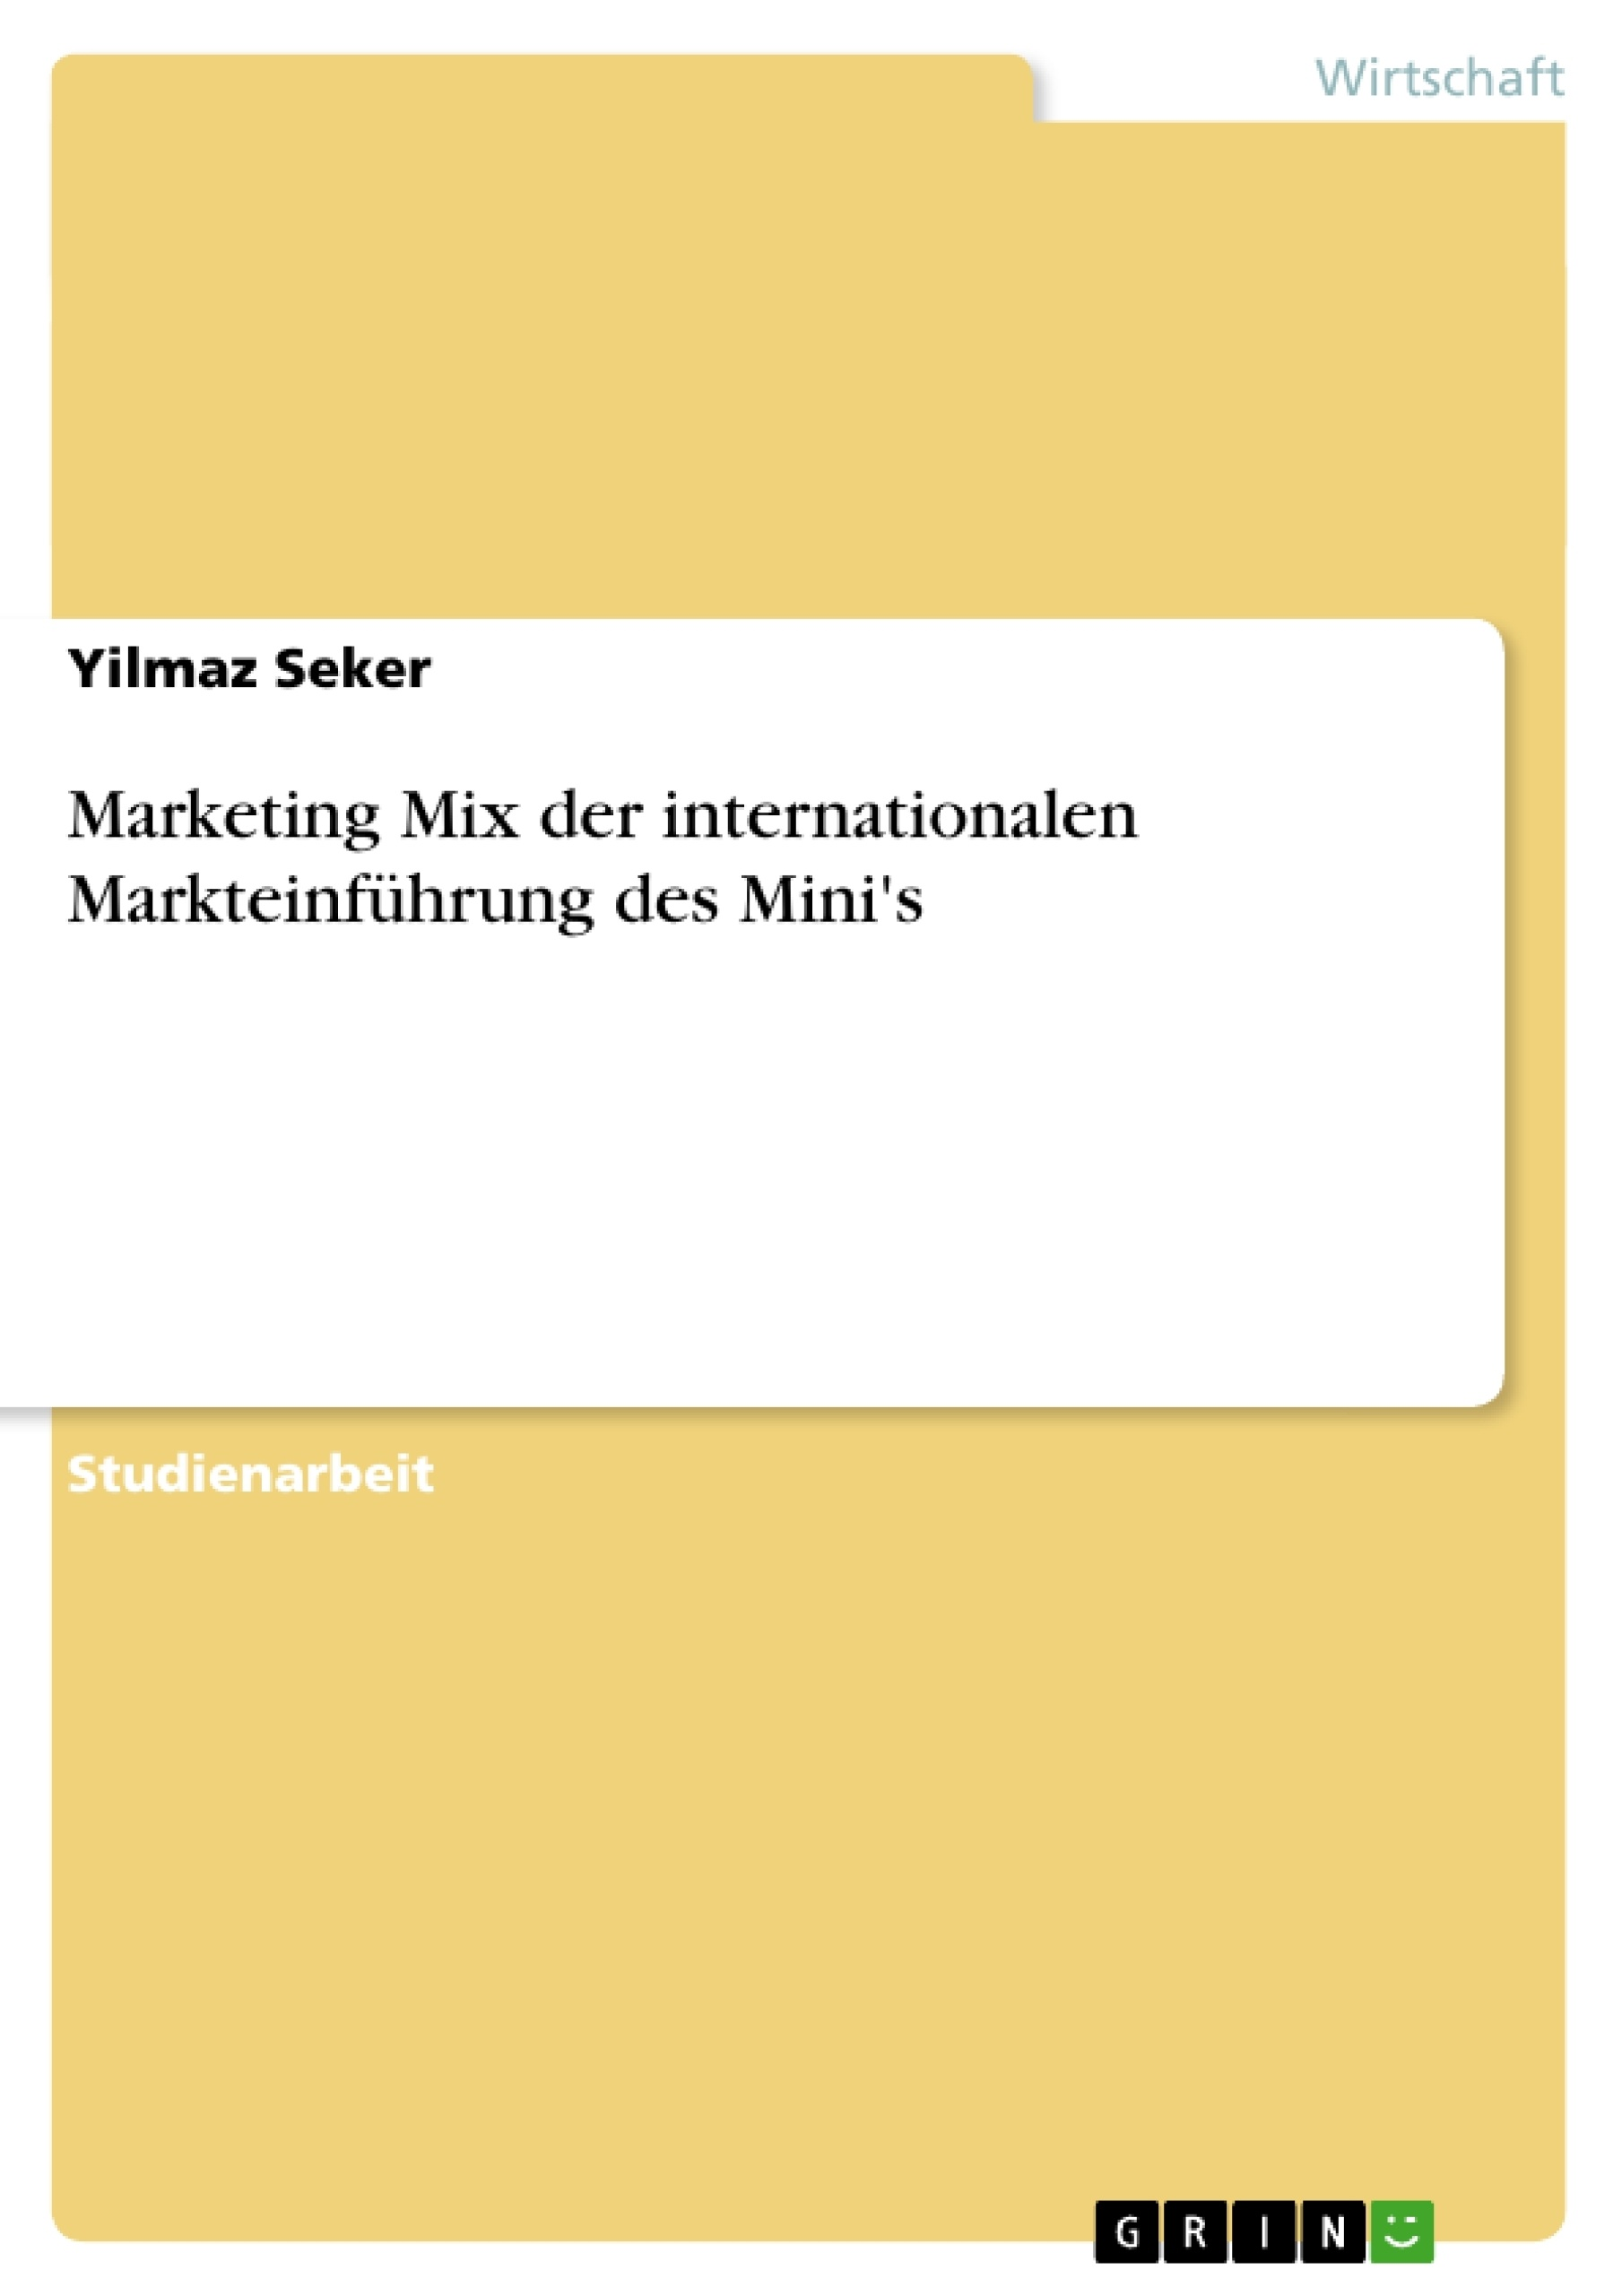 Titel: Marketing Mix der internationalen Markteinführung des Mini's